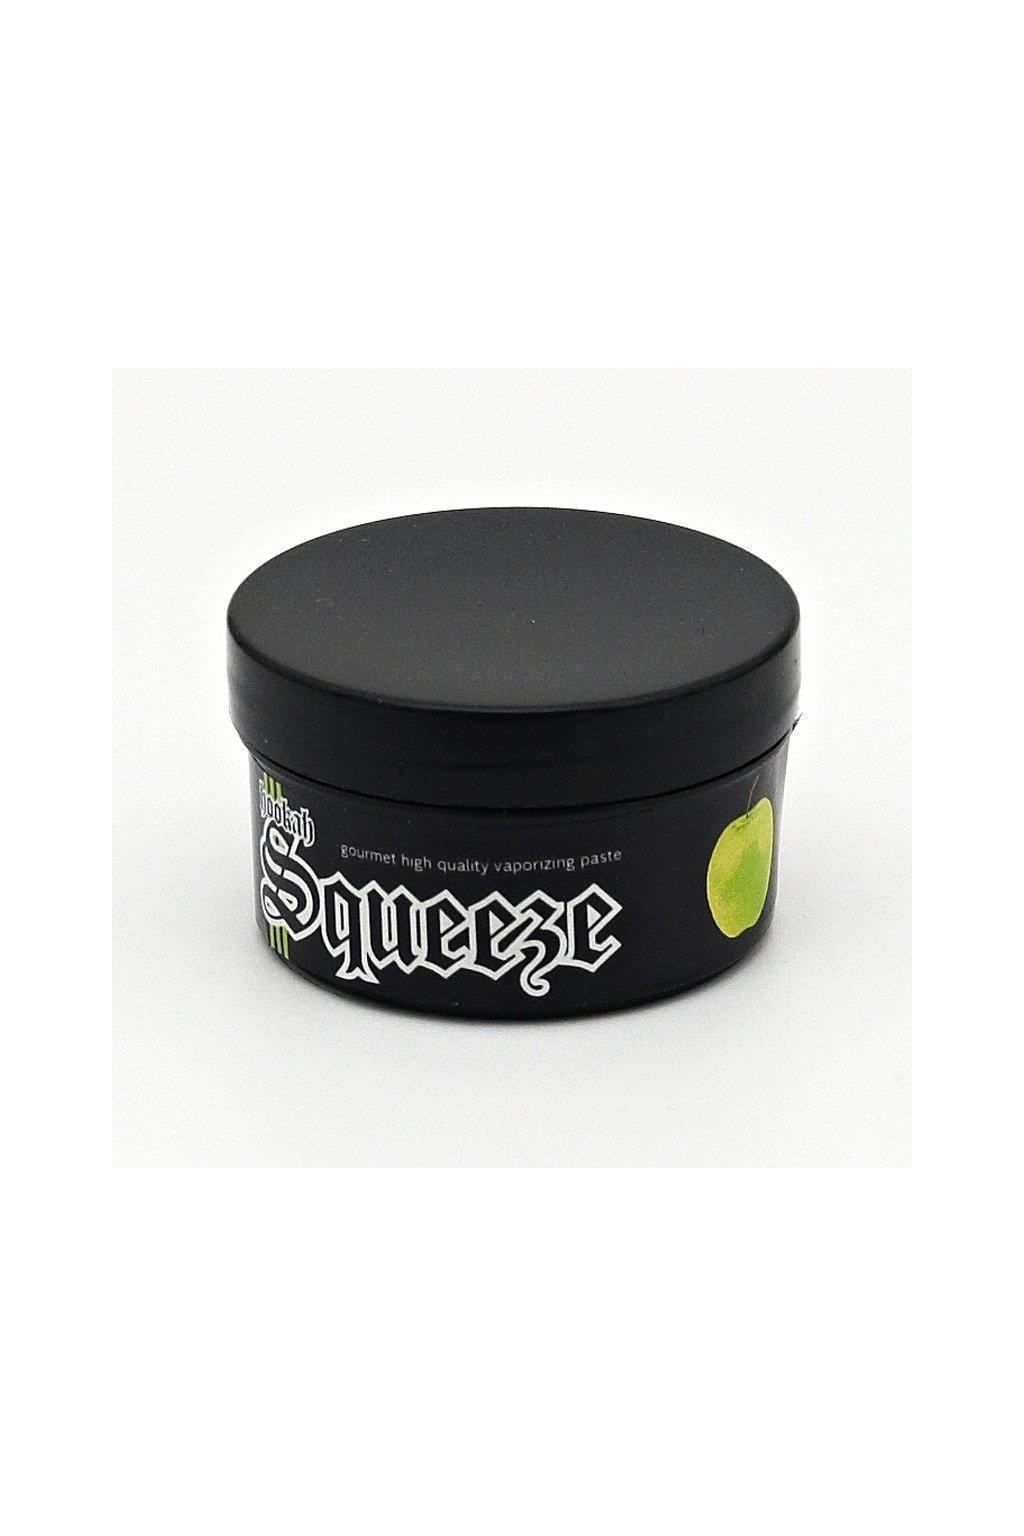 hookahSqueeze Vapor Paste 050 g Green Apple